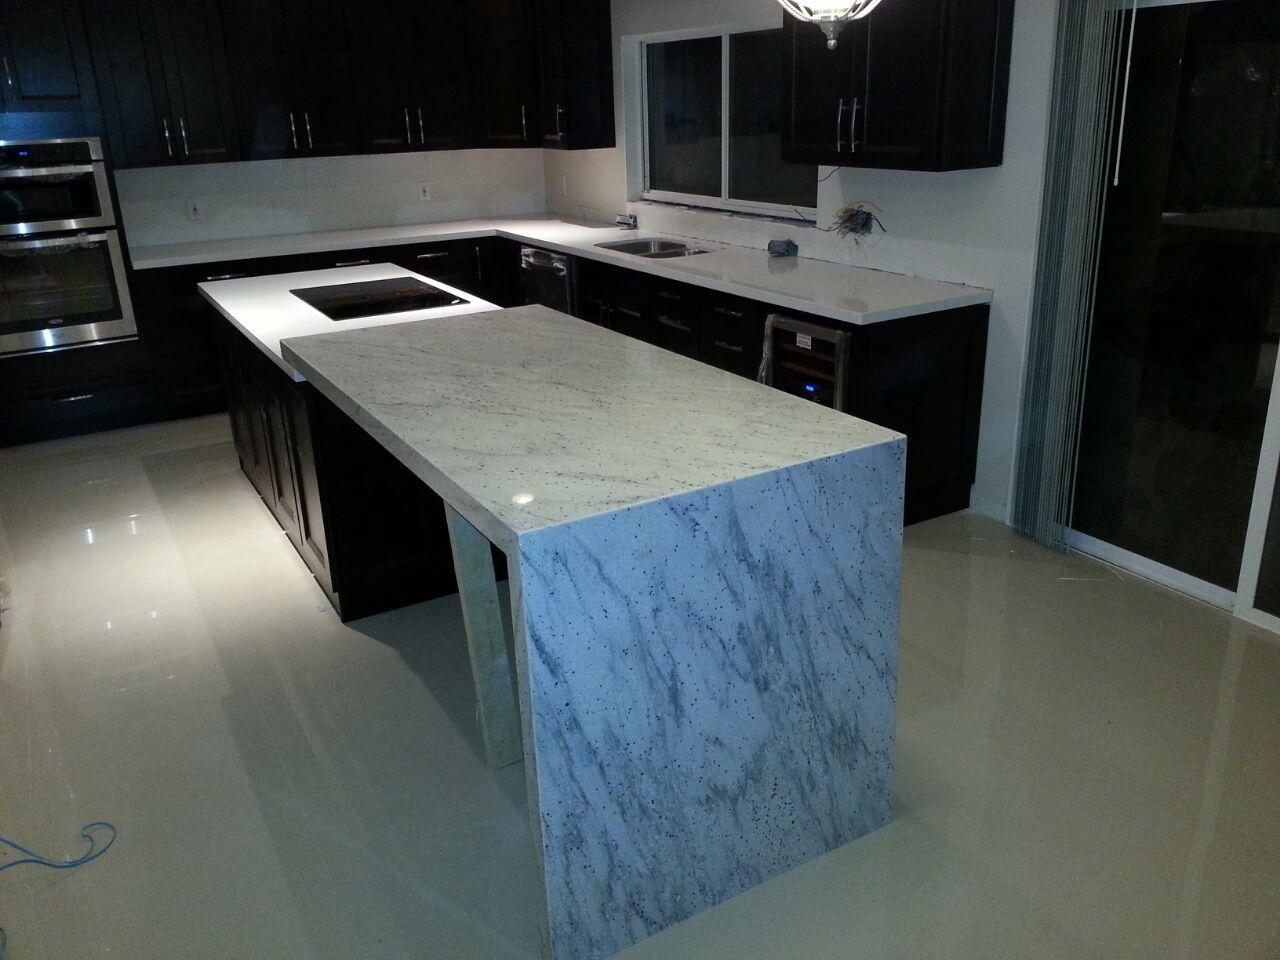 Affordable Granite Concepts 1025 Miller Dr Ste 139 Altamonte Springs, FL 32701 4073320057 www.affordablegraniteconcepts.com